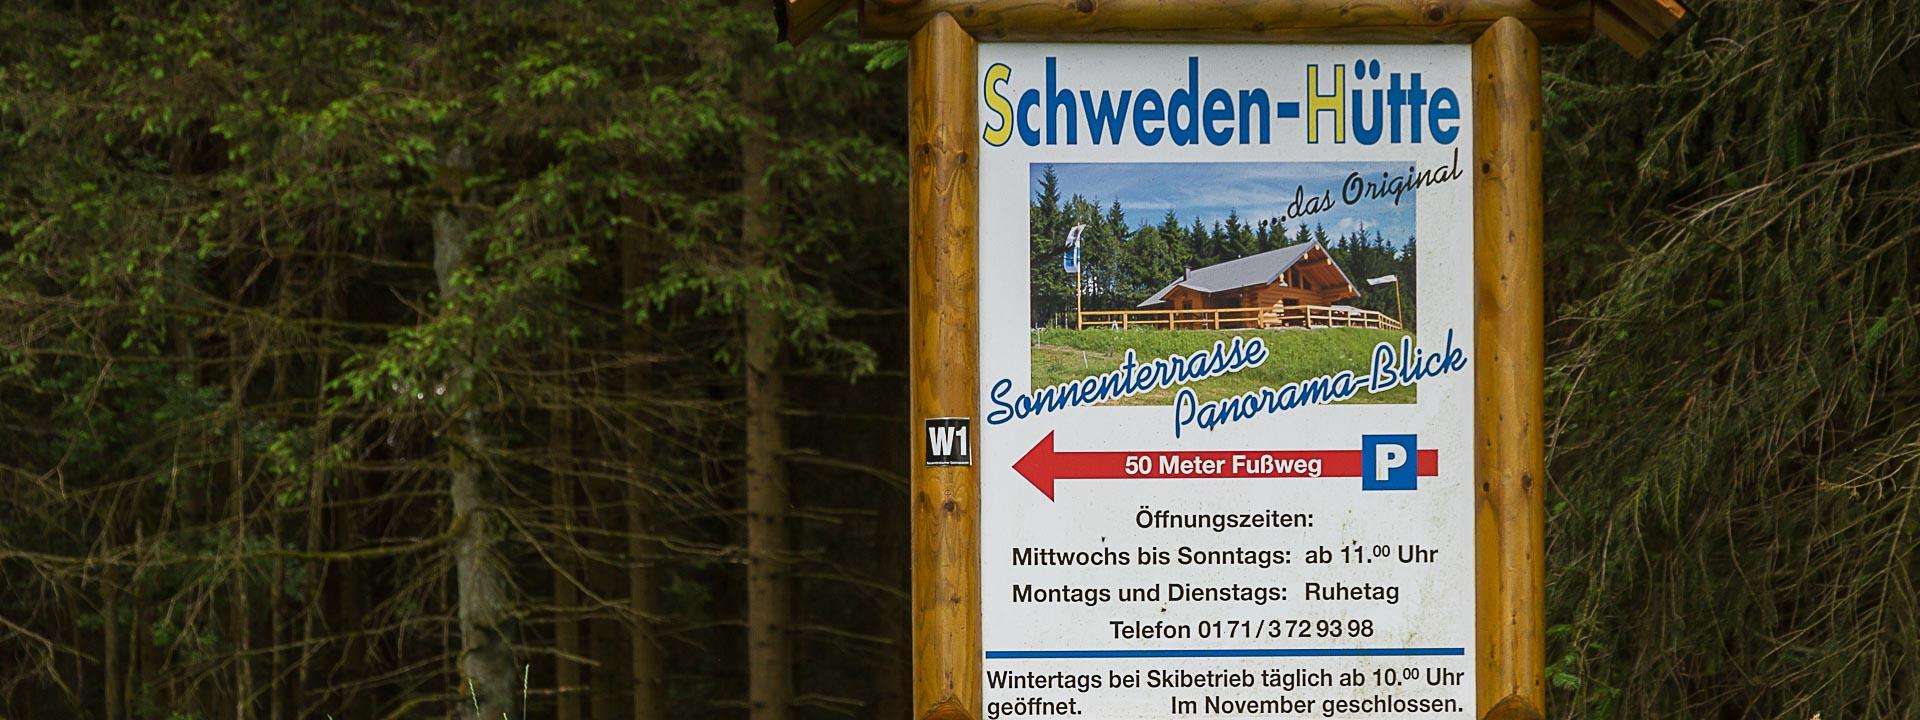 Die Schweden-Hütte liegt am Premiumwanderweg Schwedensteig (W1)